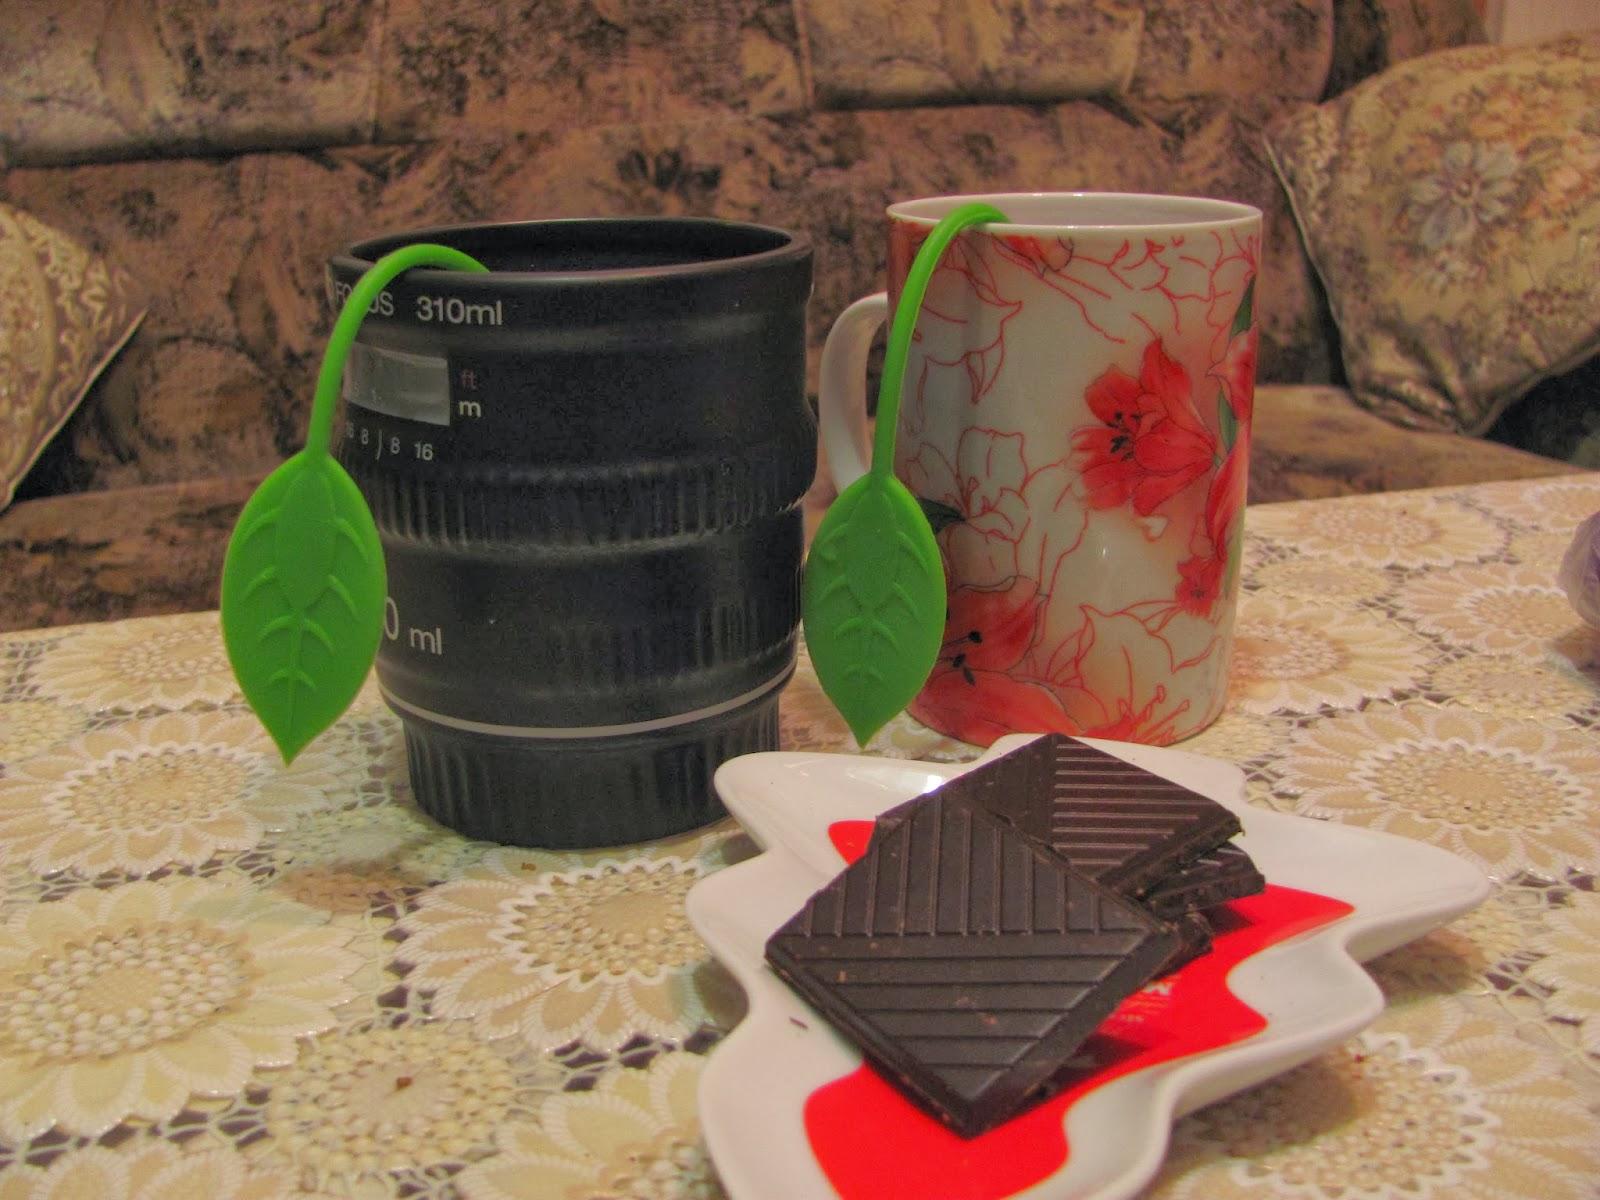 заварник, заварничек, клубнички для заварки, заварка чая, Силиконовый фильтр для заваривания чая ситечко для чая, ситечко для заваривания чая, силиконовые клубничный чай фильтр, чайное ситечко